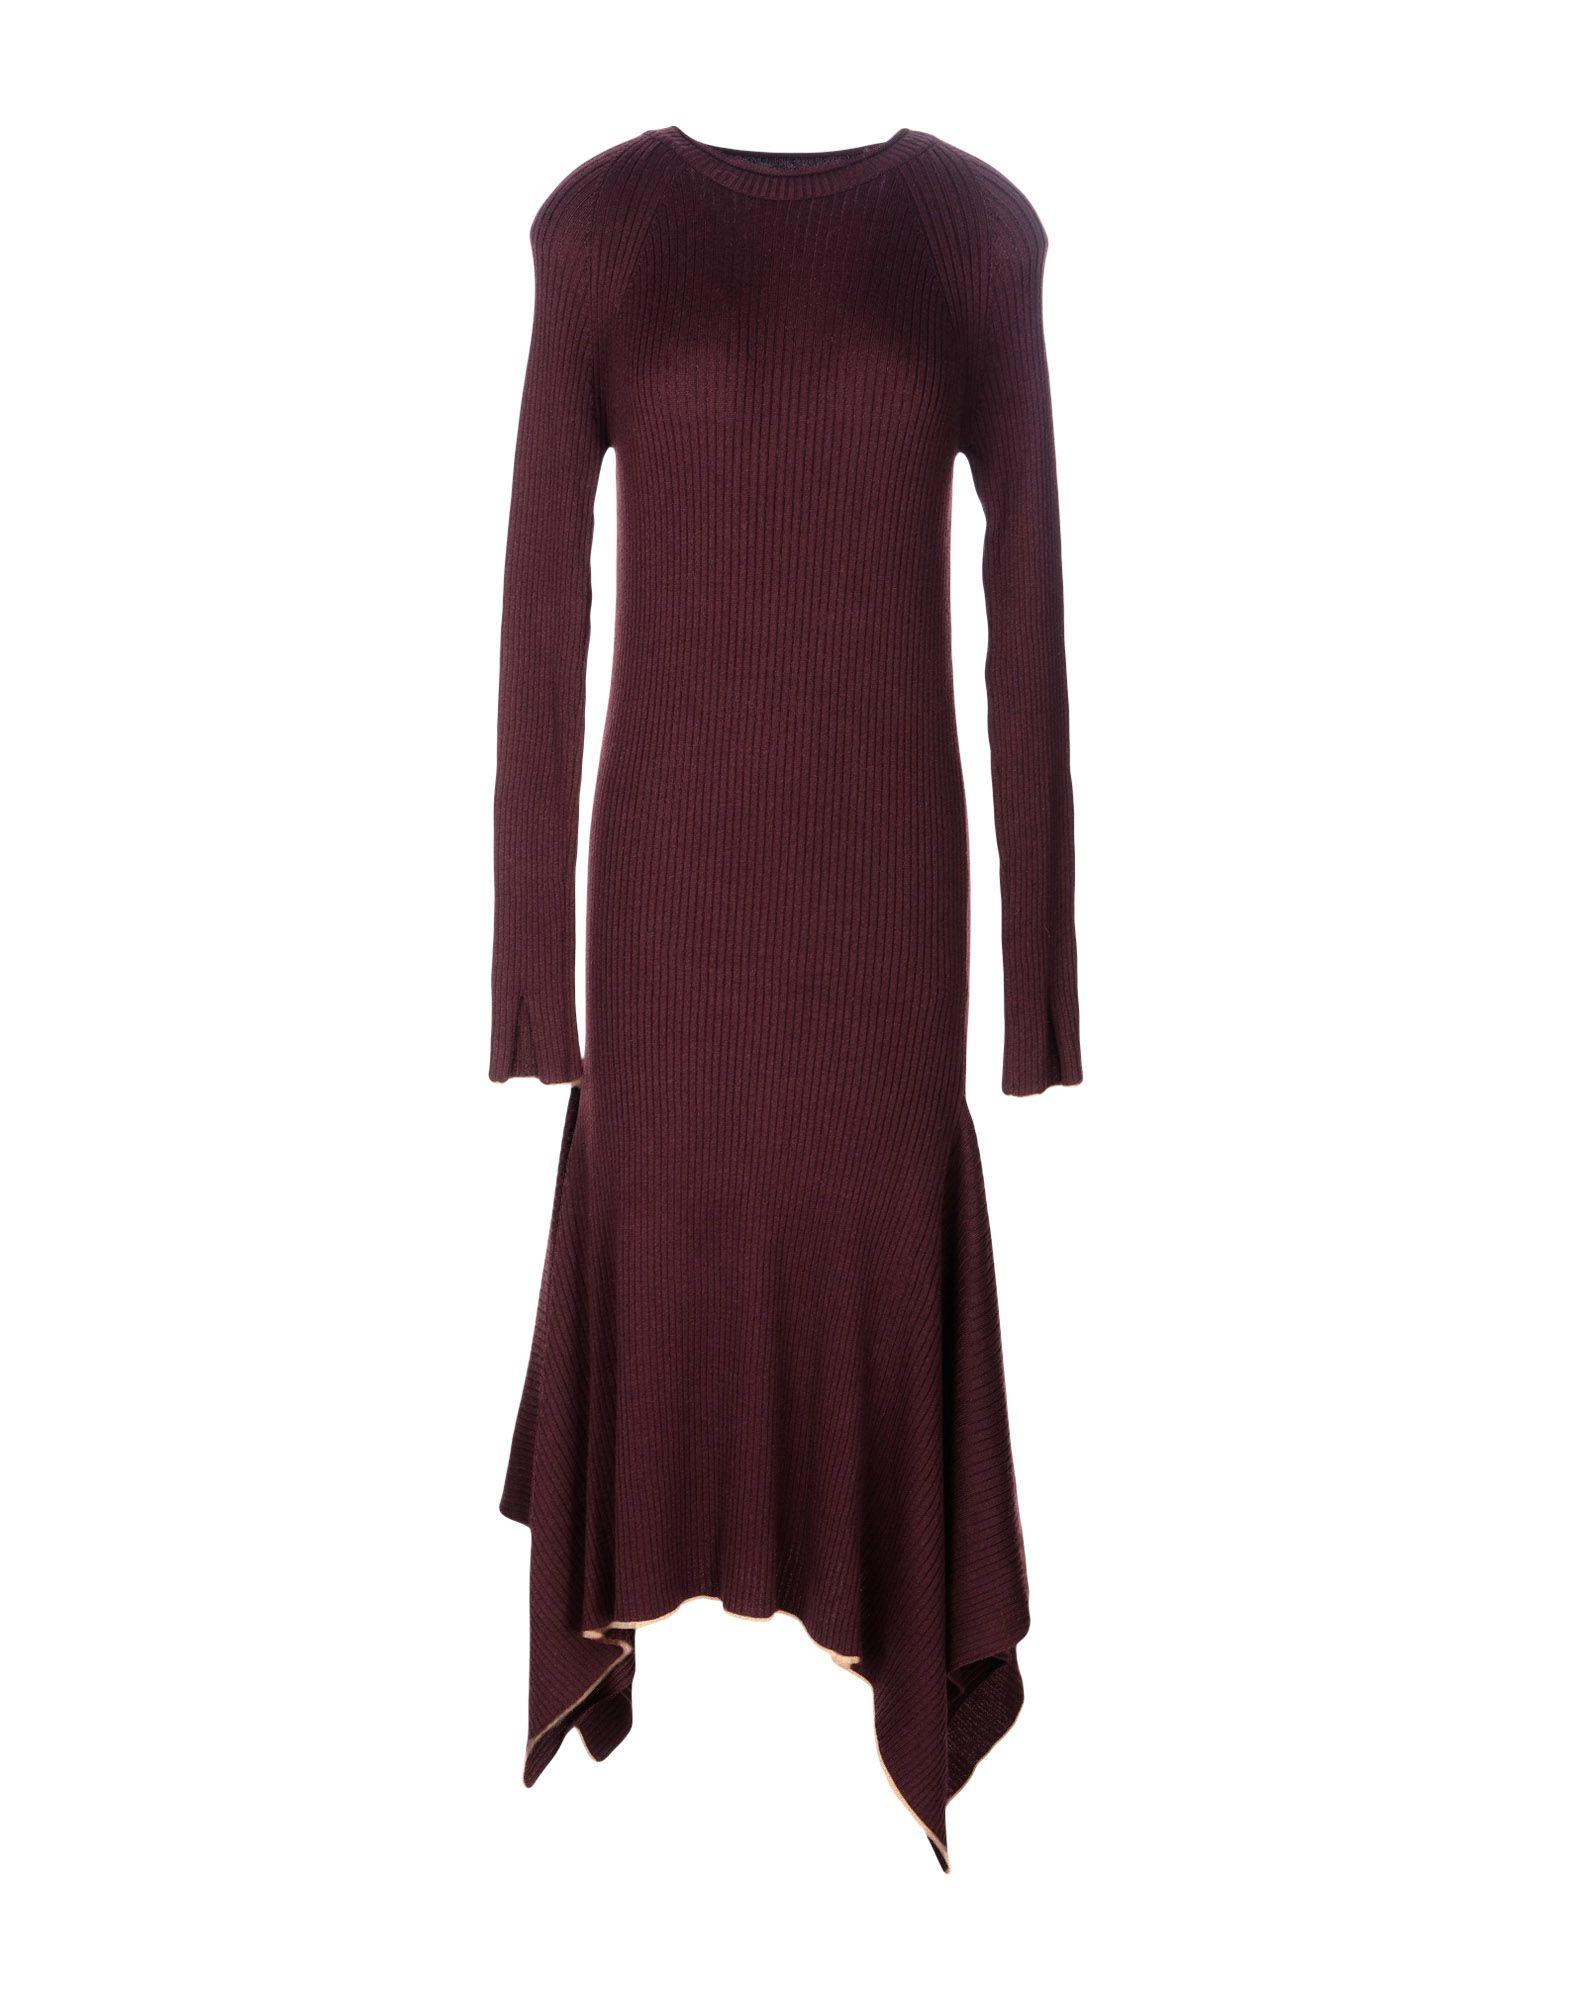 TOPSHOP Платье длиной 3/4 платье для беременных topshop 4 25